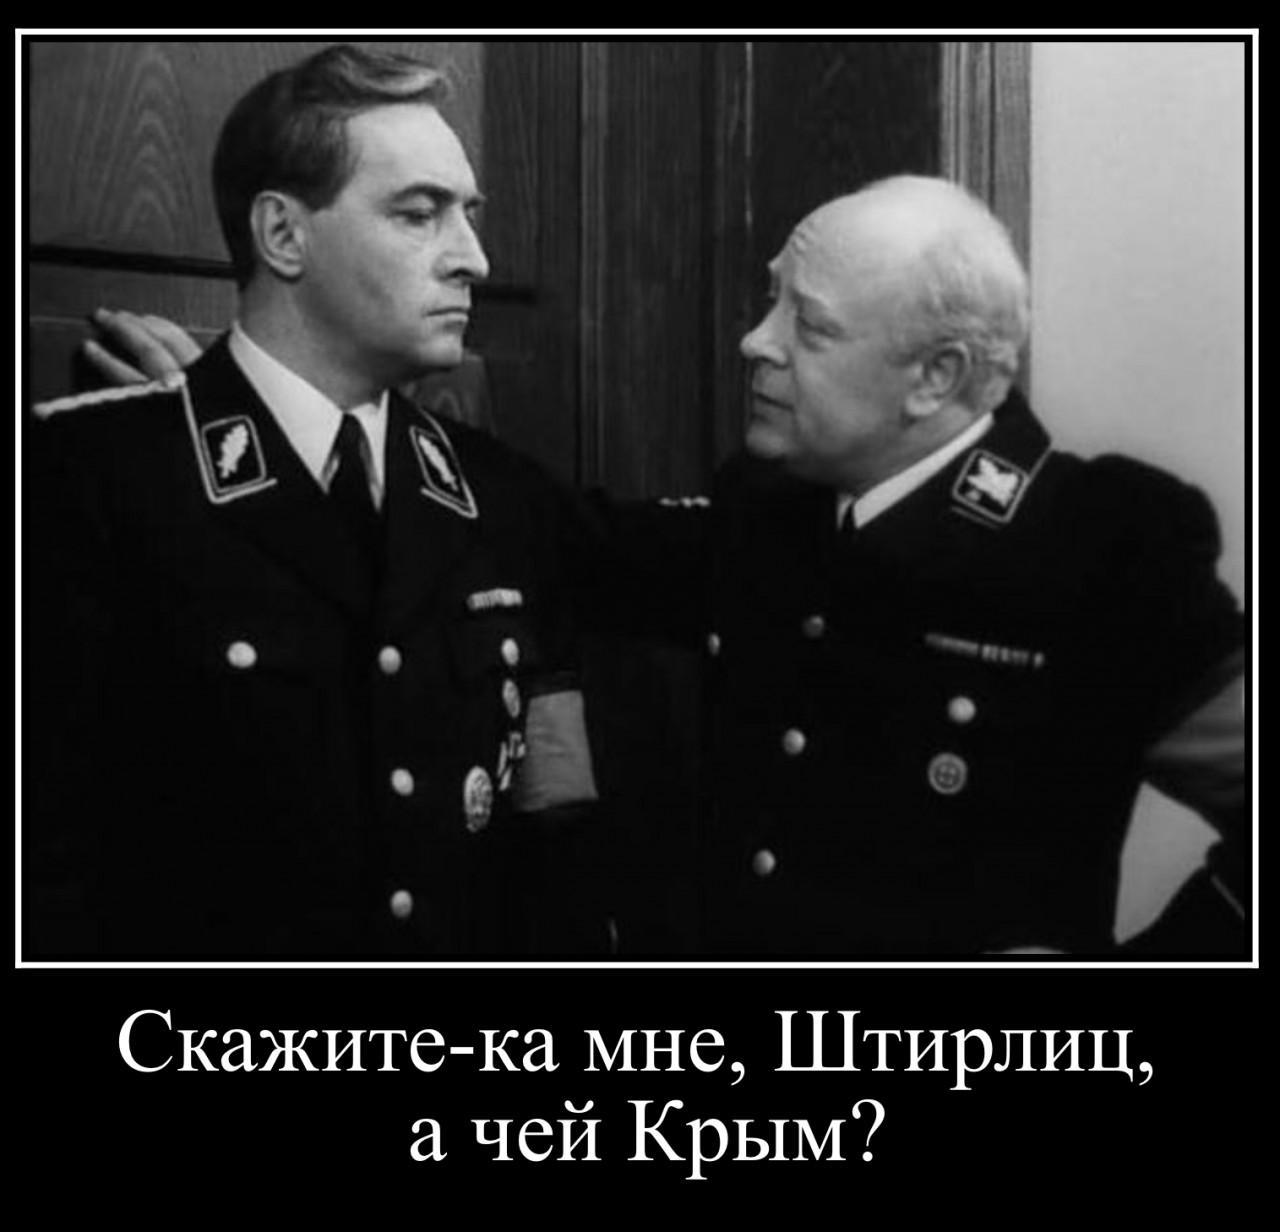 Скажите-ка мне, Штирлиц, а чей Крым?